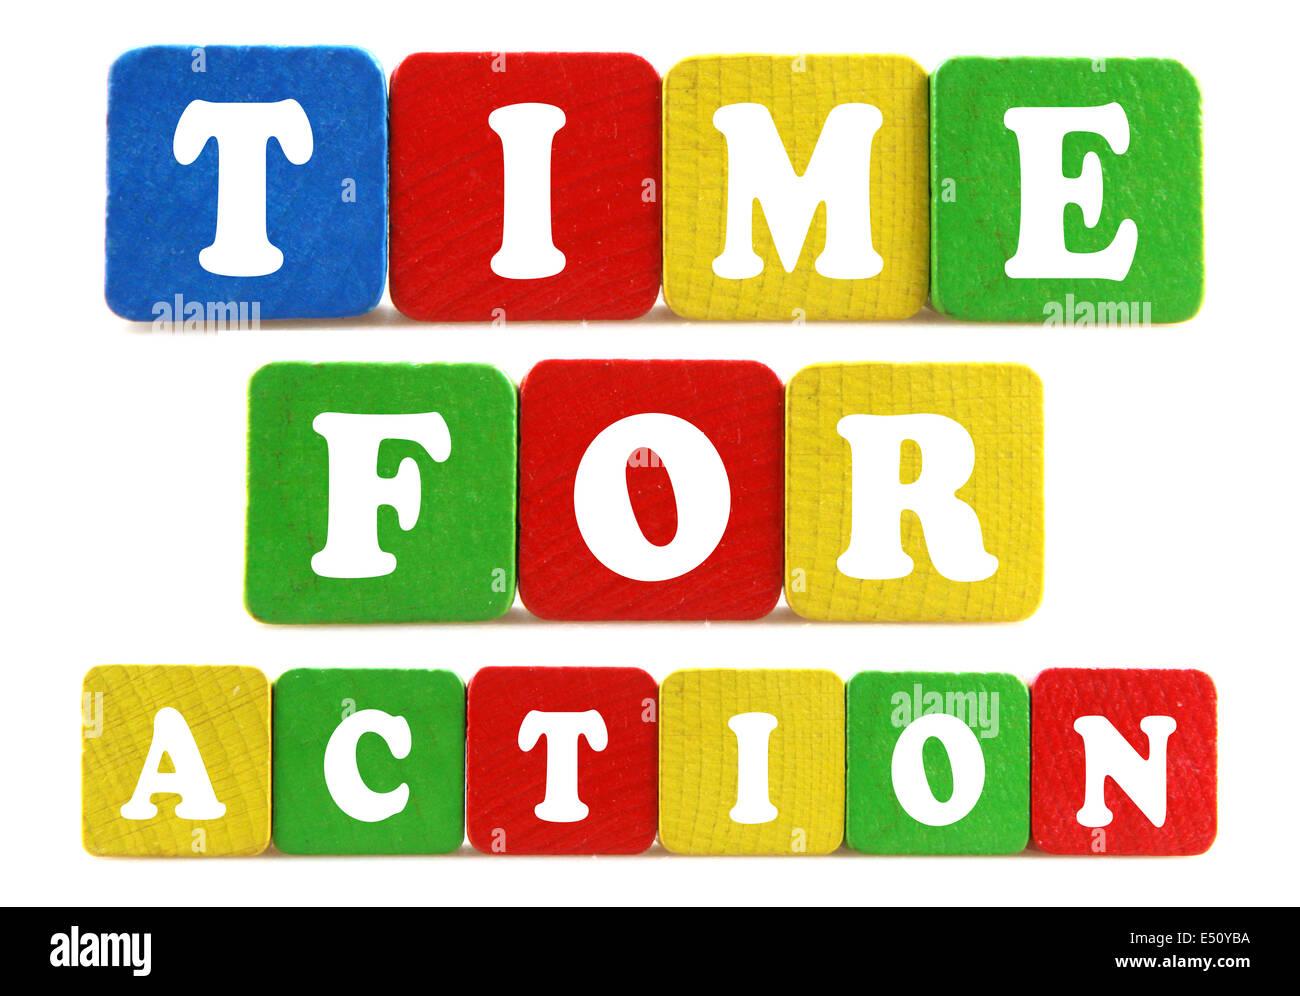 Tiempo de acción concepto Imagen De Stock